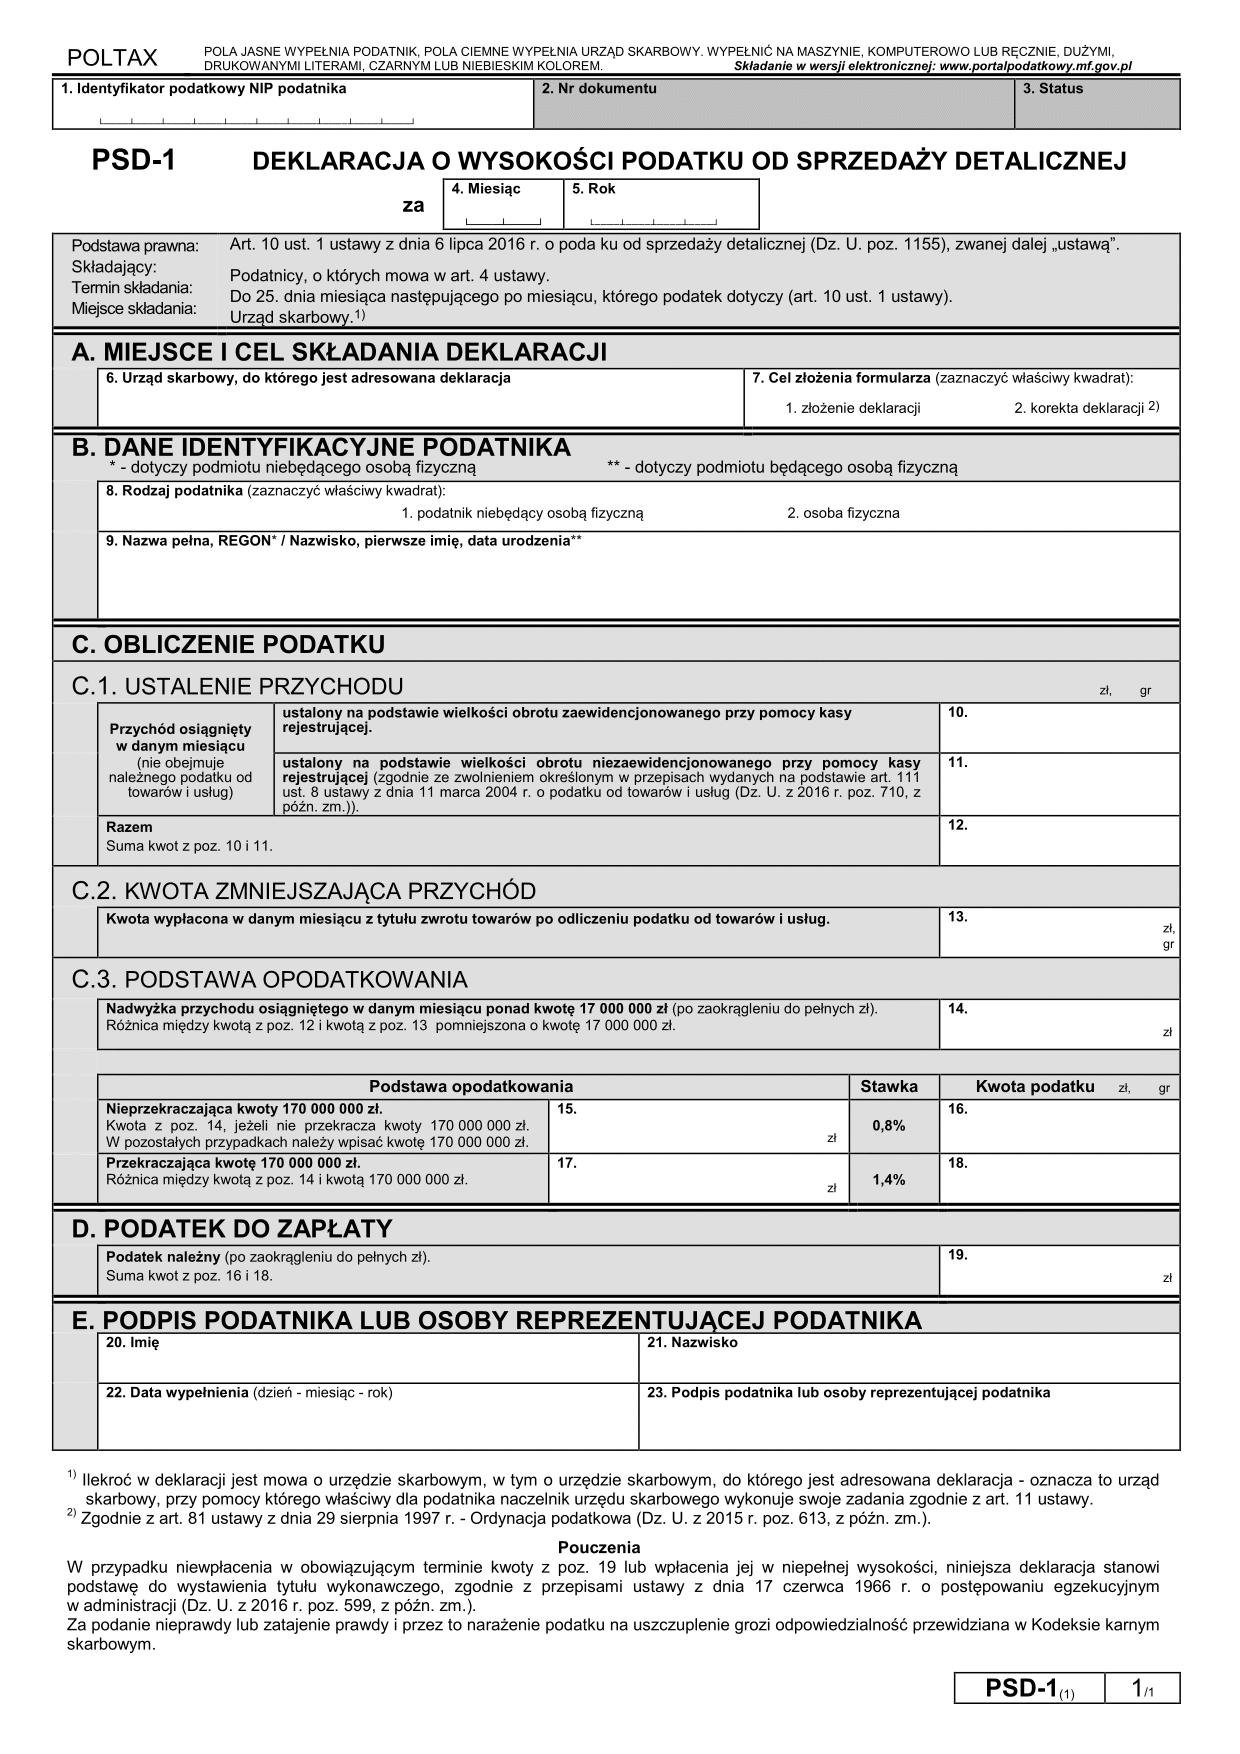 PSD-1 (1) Deklaracja o wysokości podatku od sprzedaży detalicznej